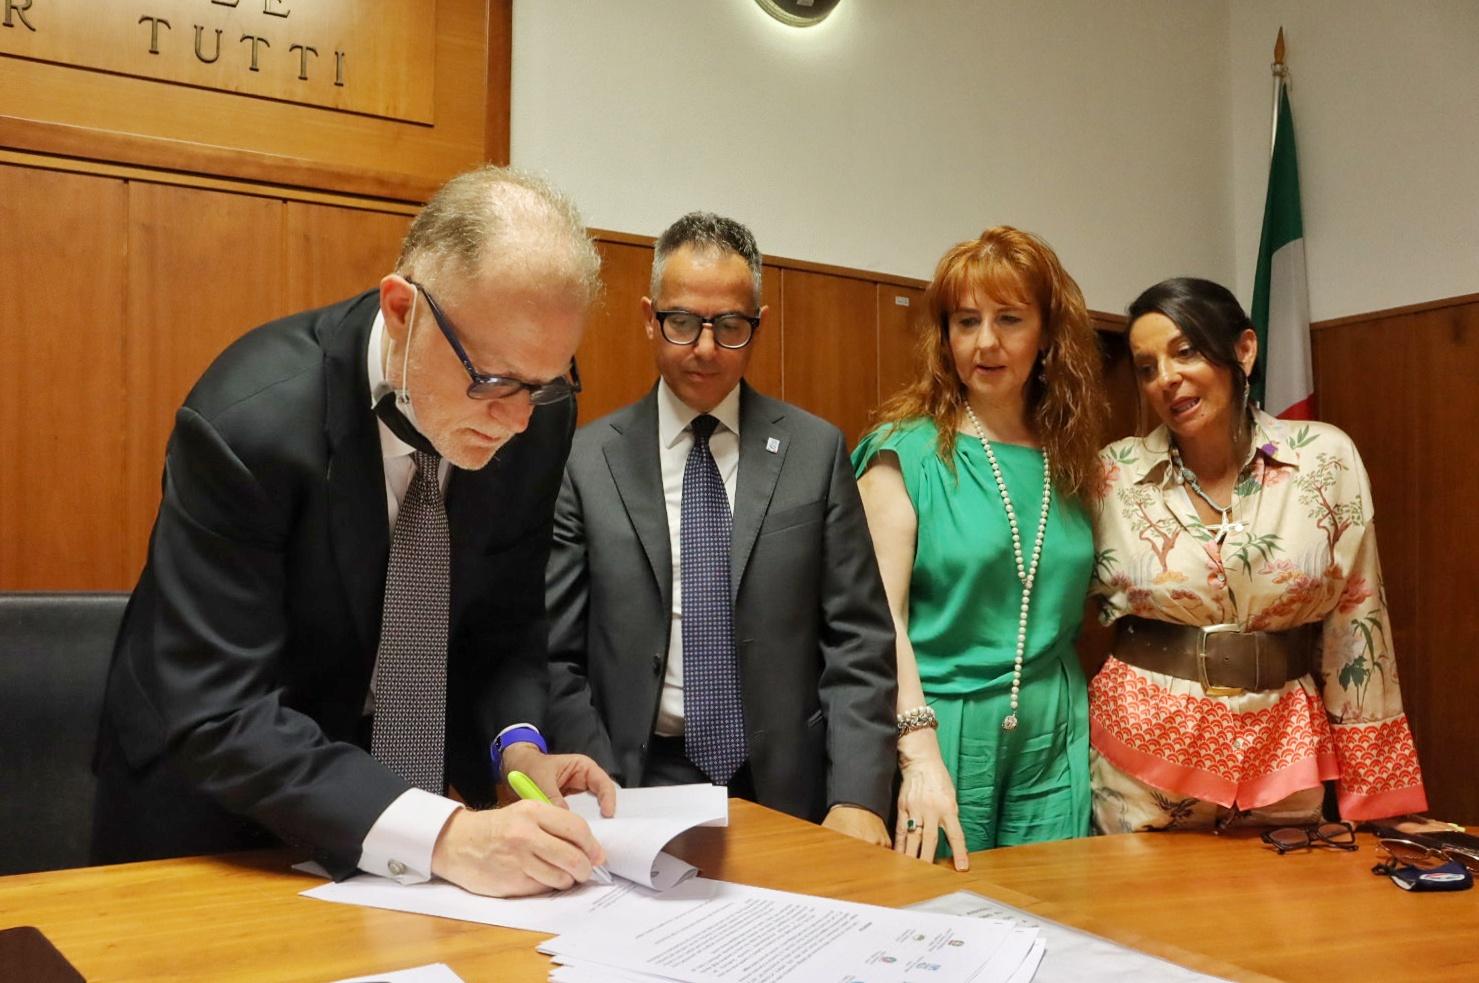 Reggio Calabria, niente più reddito di cittadinanza e indennità a chi non manda i bambini a scuola: il nobile protocollo per un futuro migliore